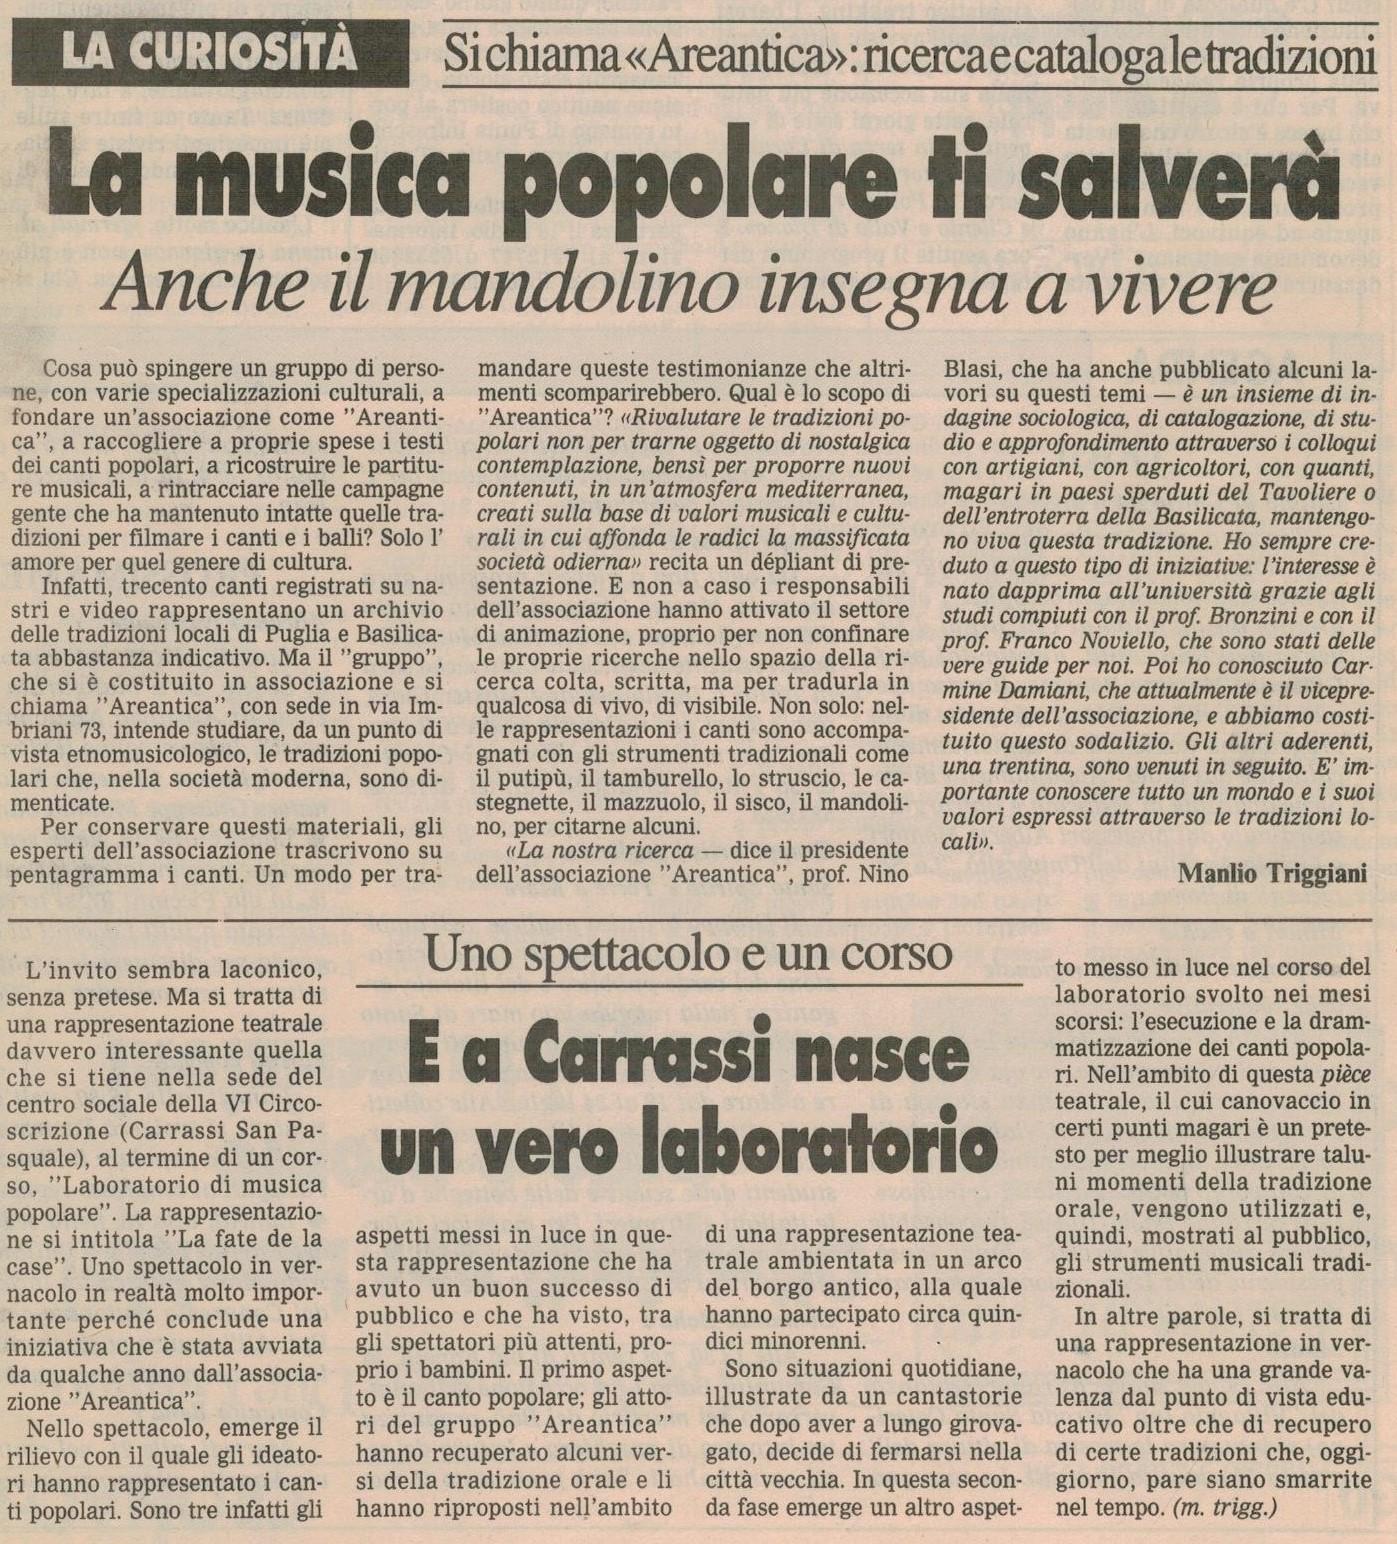 La Gazzetta del Mezzogiorno 09-07-1994